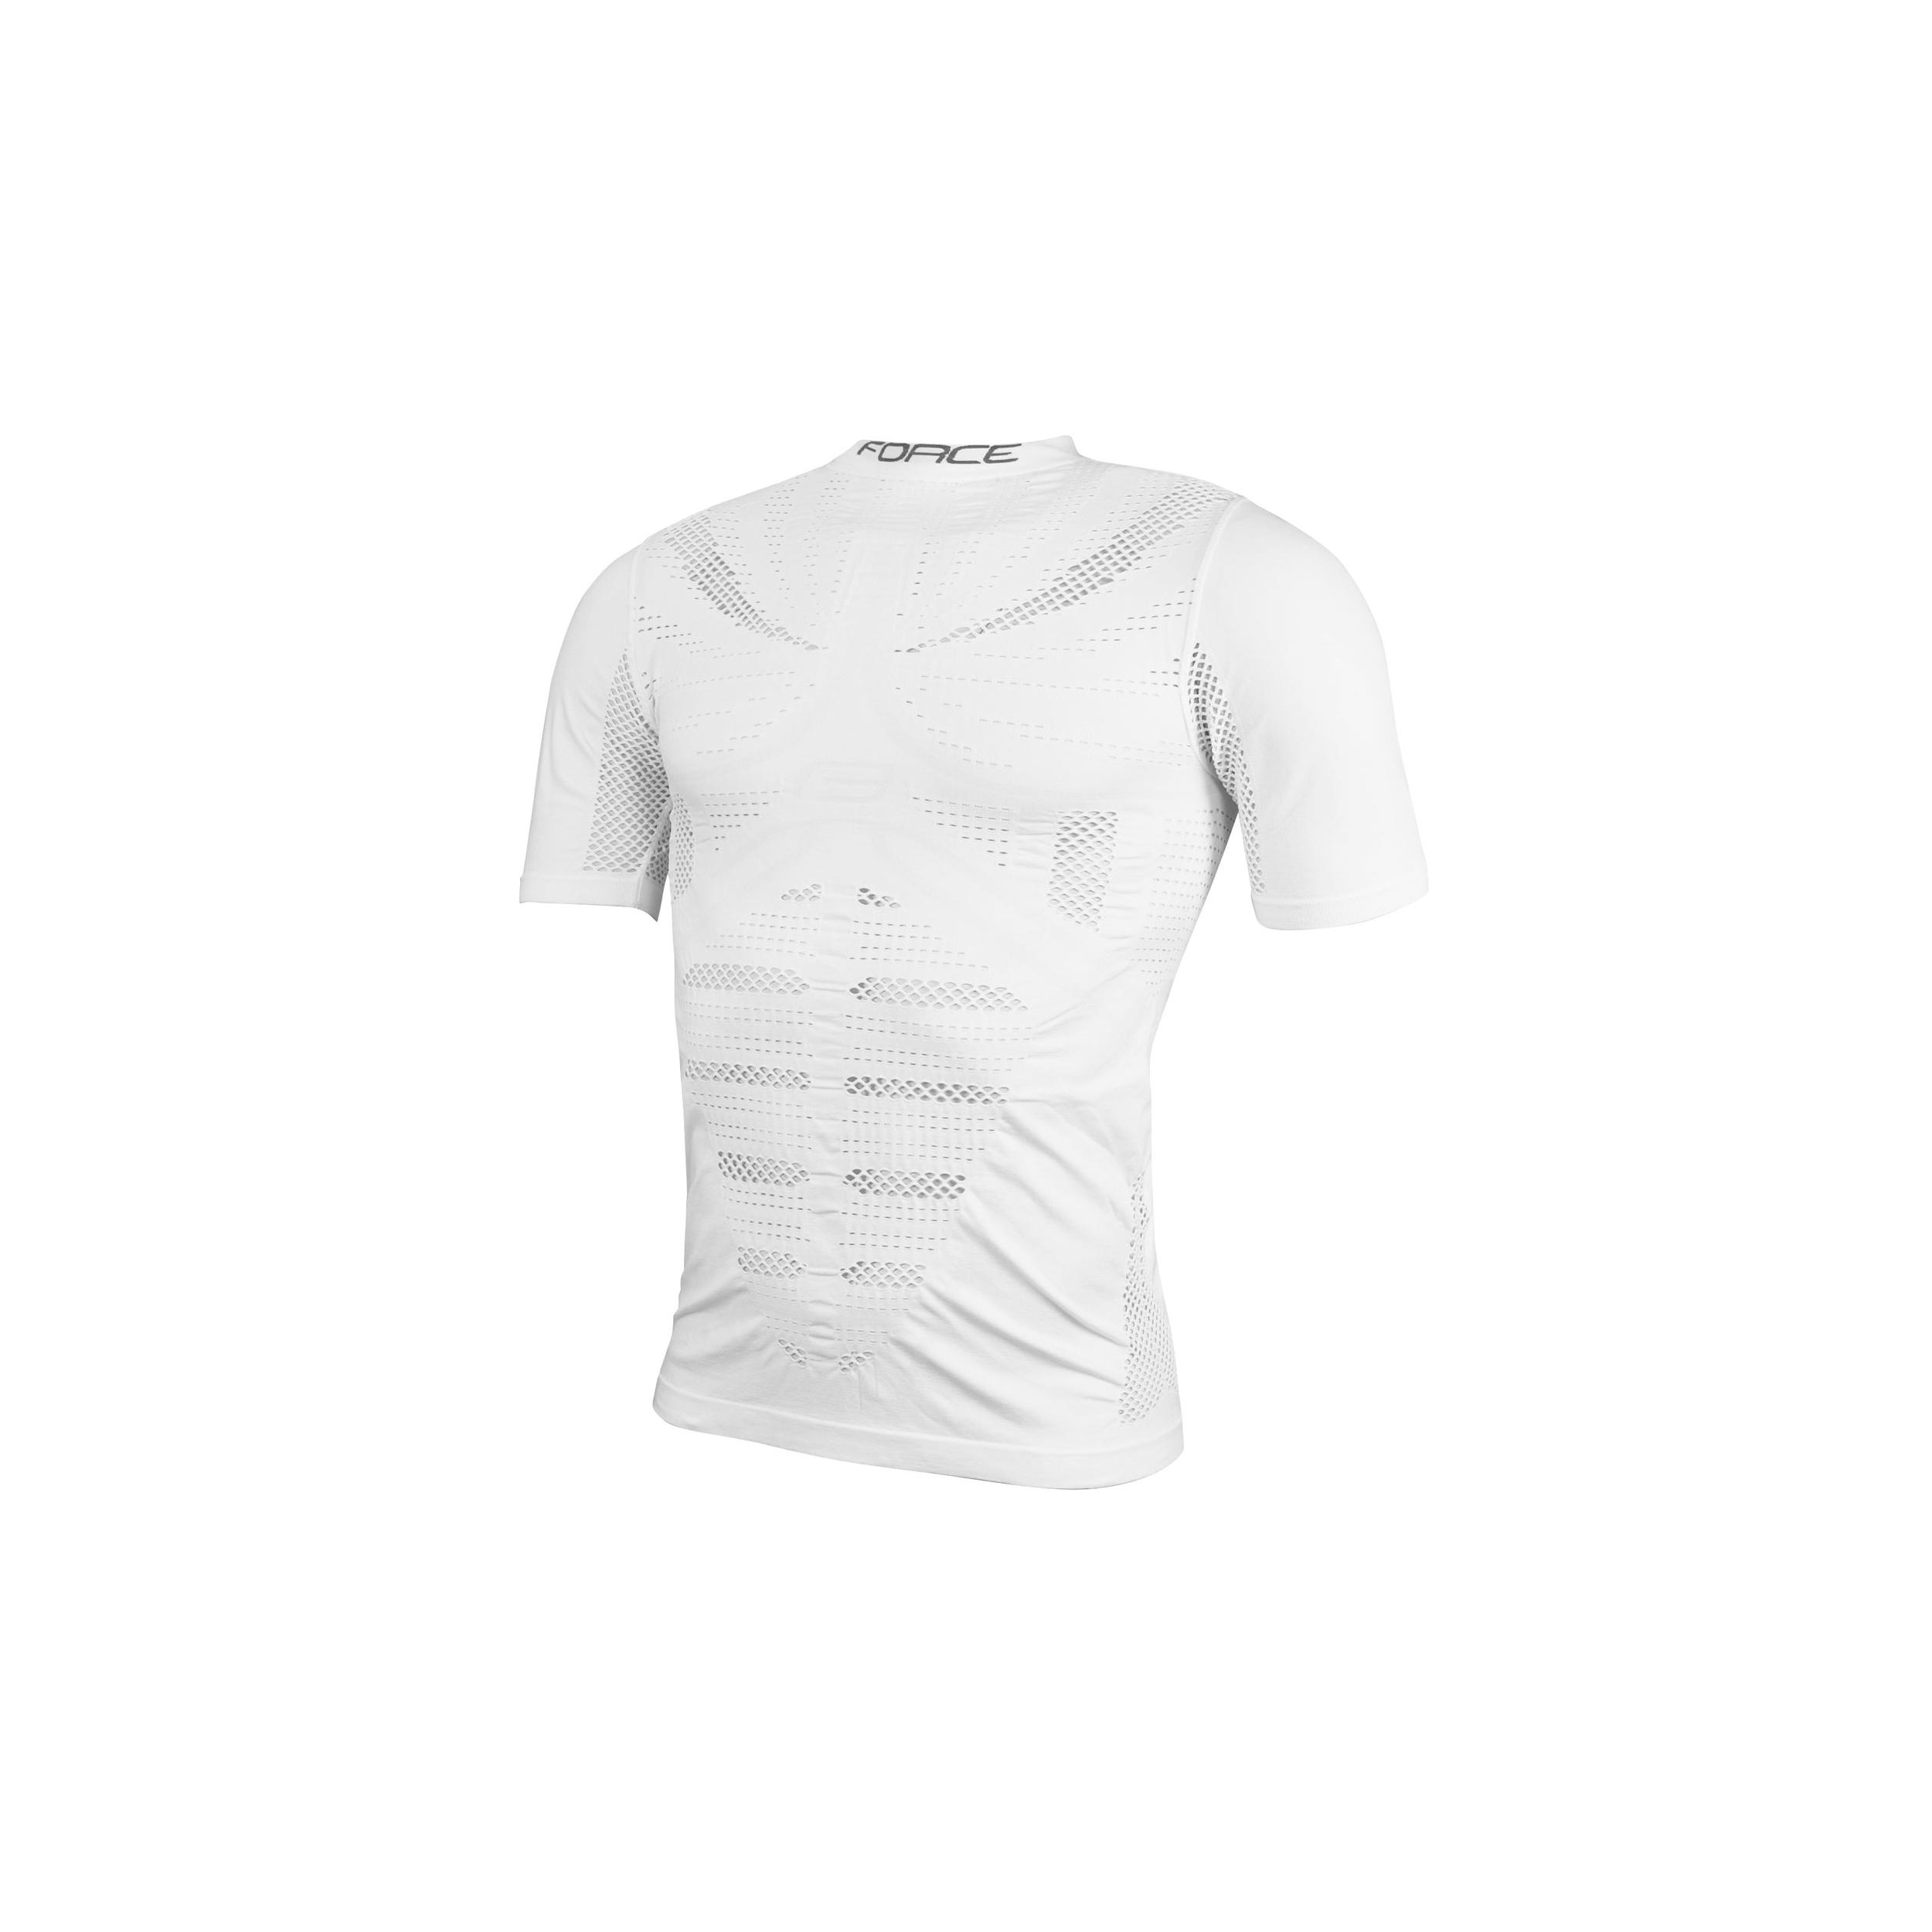 Triko/Funkční prádlo FORCE WIND krátký rukáv, bílé S-M